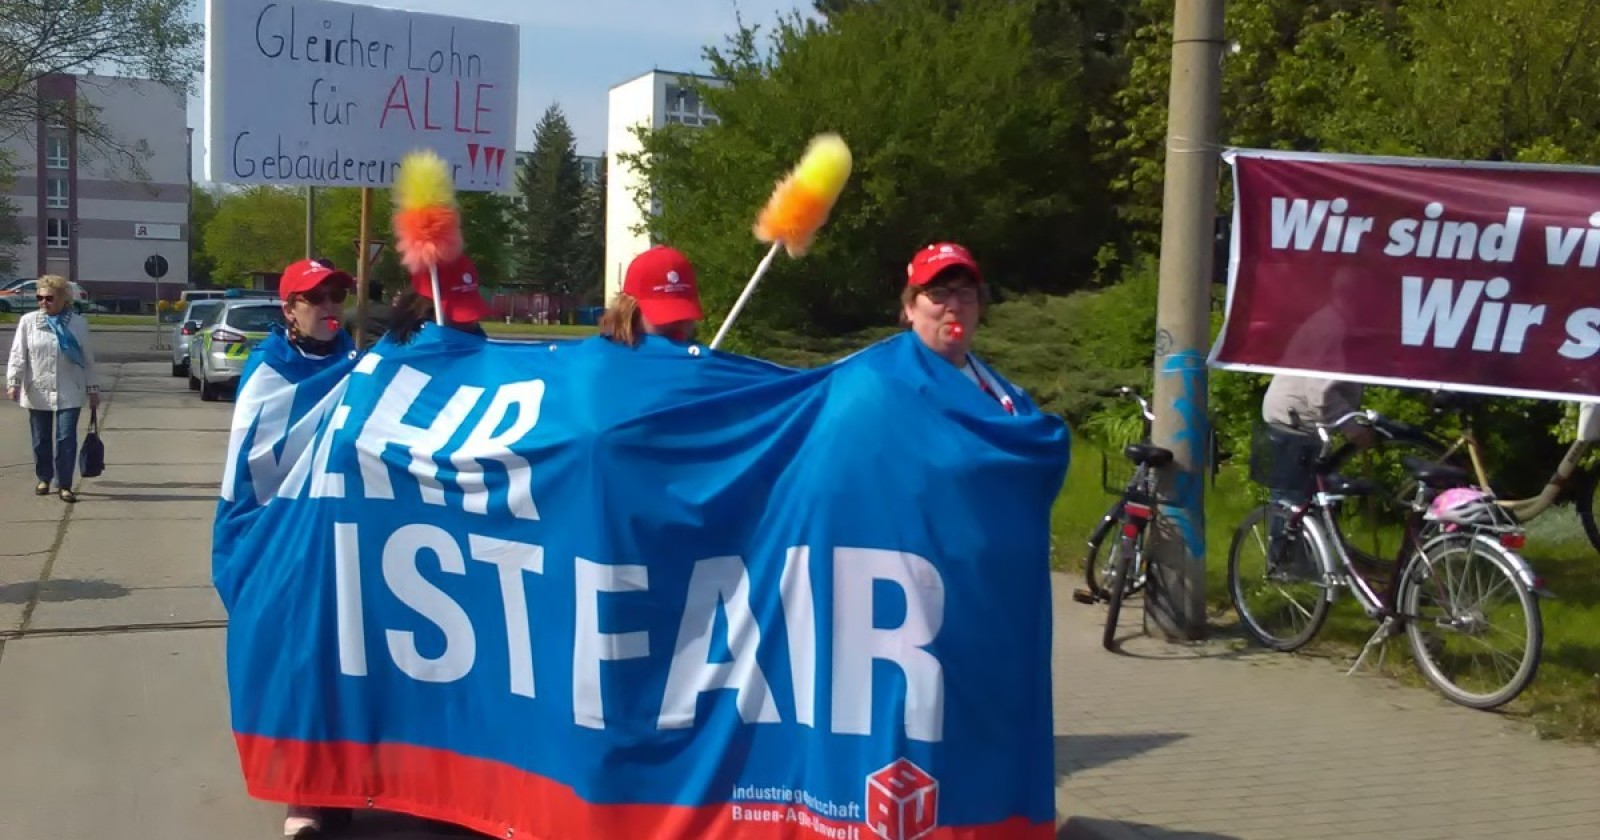 Auch die Kolleginnen und Kollegen aus Dessau-Bernburg fordern: Gleicher Lohn für alle Gebäudereiniger